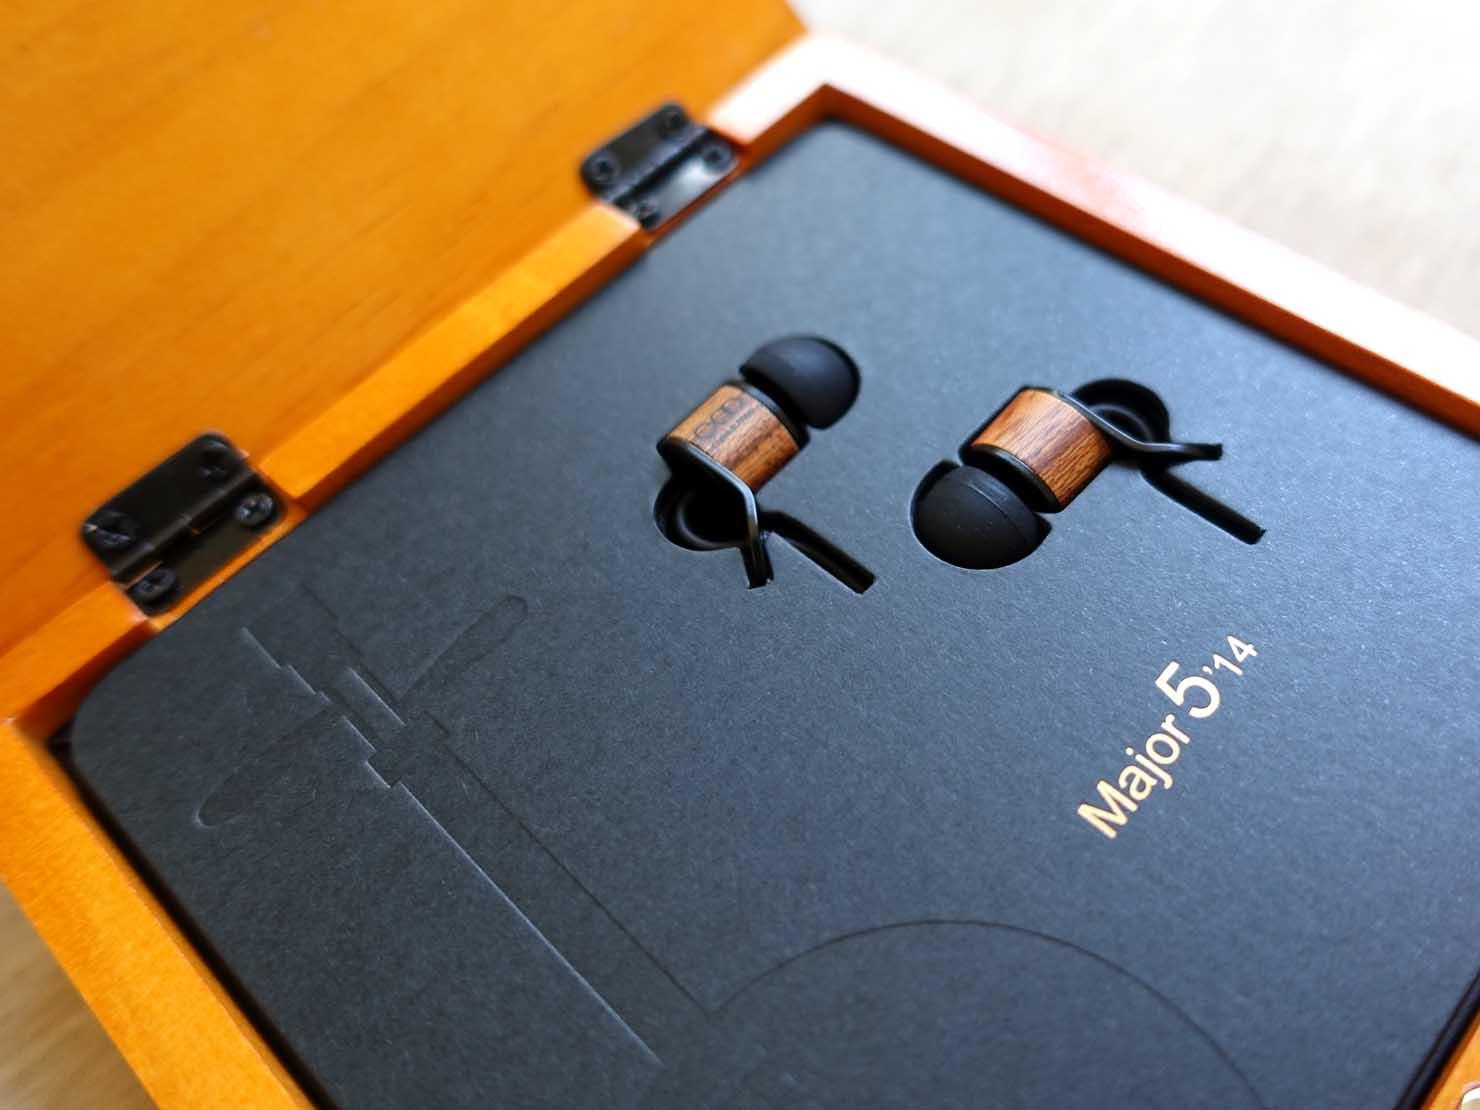 台湾発の高品質イヤホンブランド「Chord&Major(コード&メジャー)」パッケージの台紙に収まるイヤホン